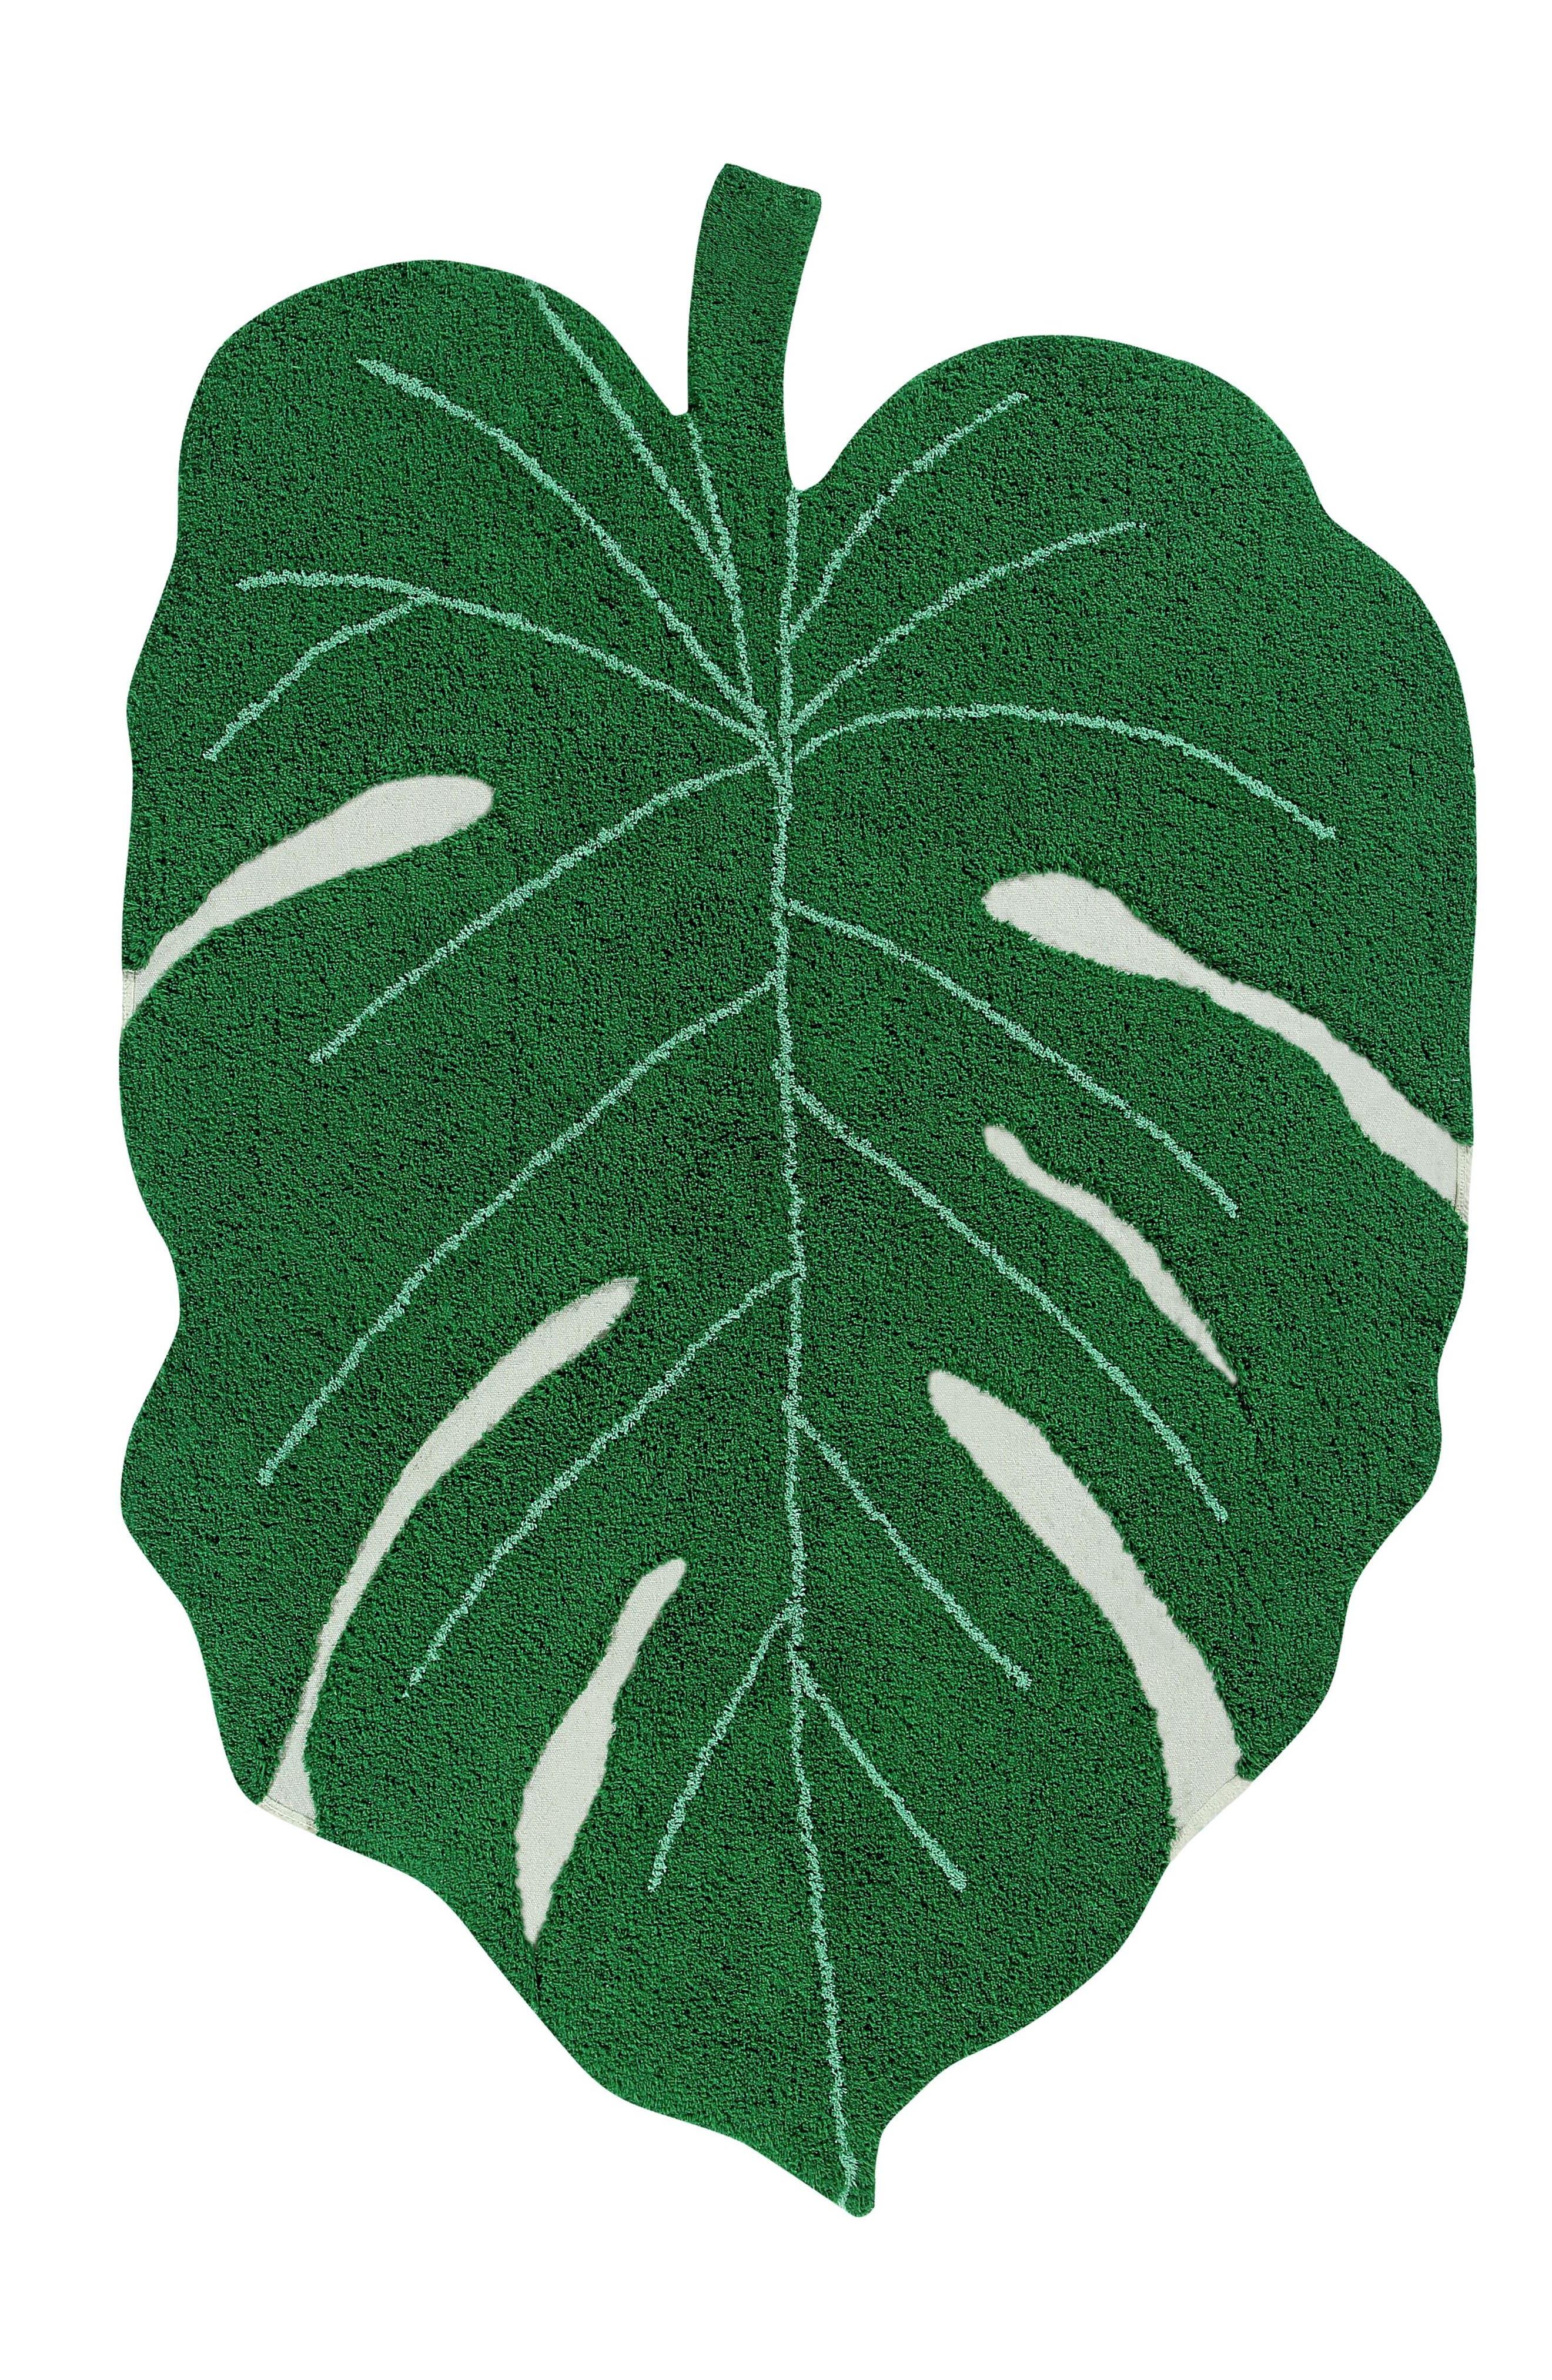 Monstera Leaf Rug,                         Main,                         color, MONSTERA LEAF